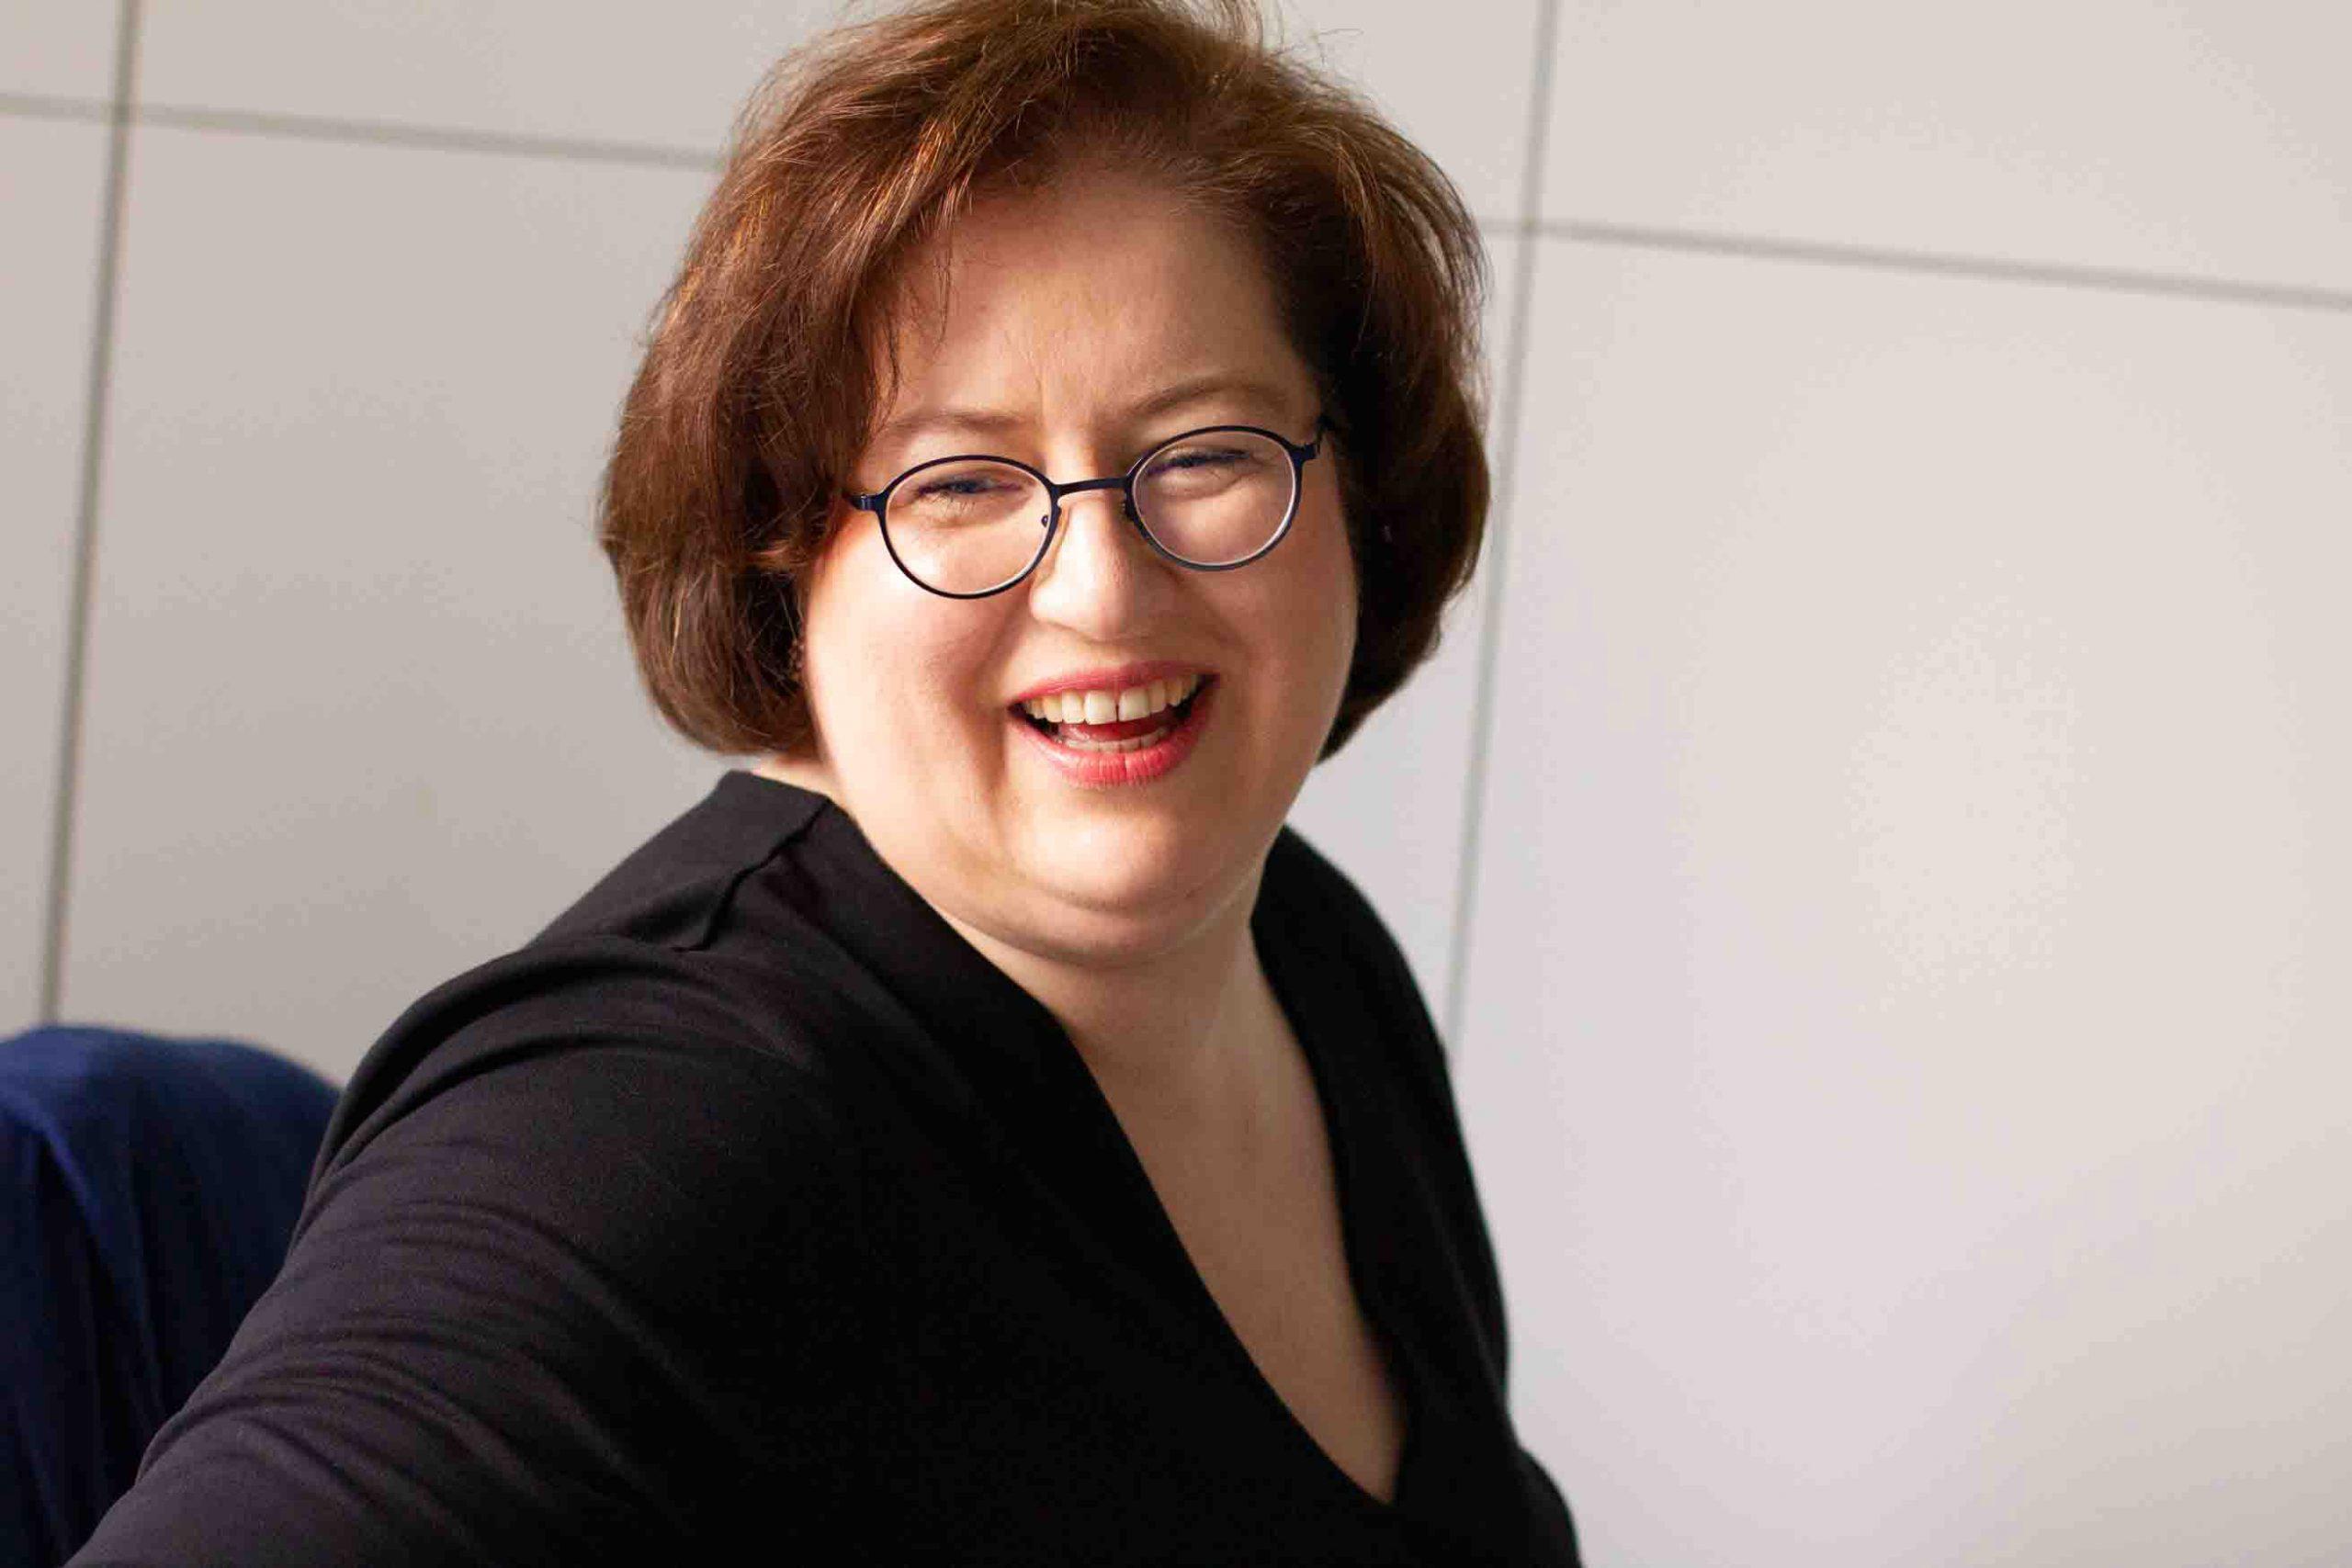 Sandra Dirks - Portrait von der Seite